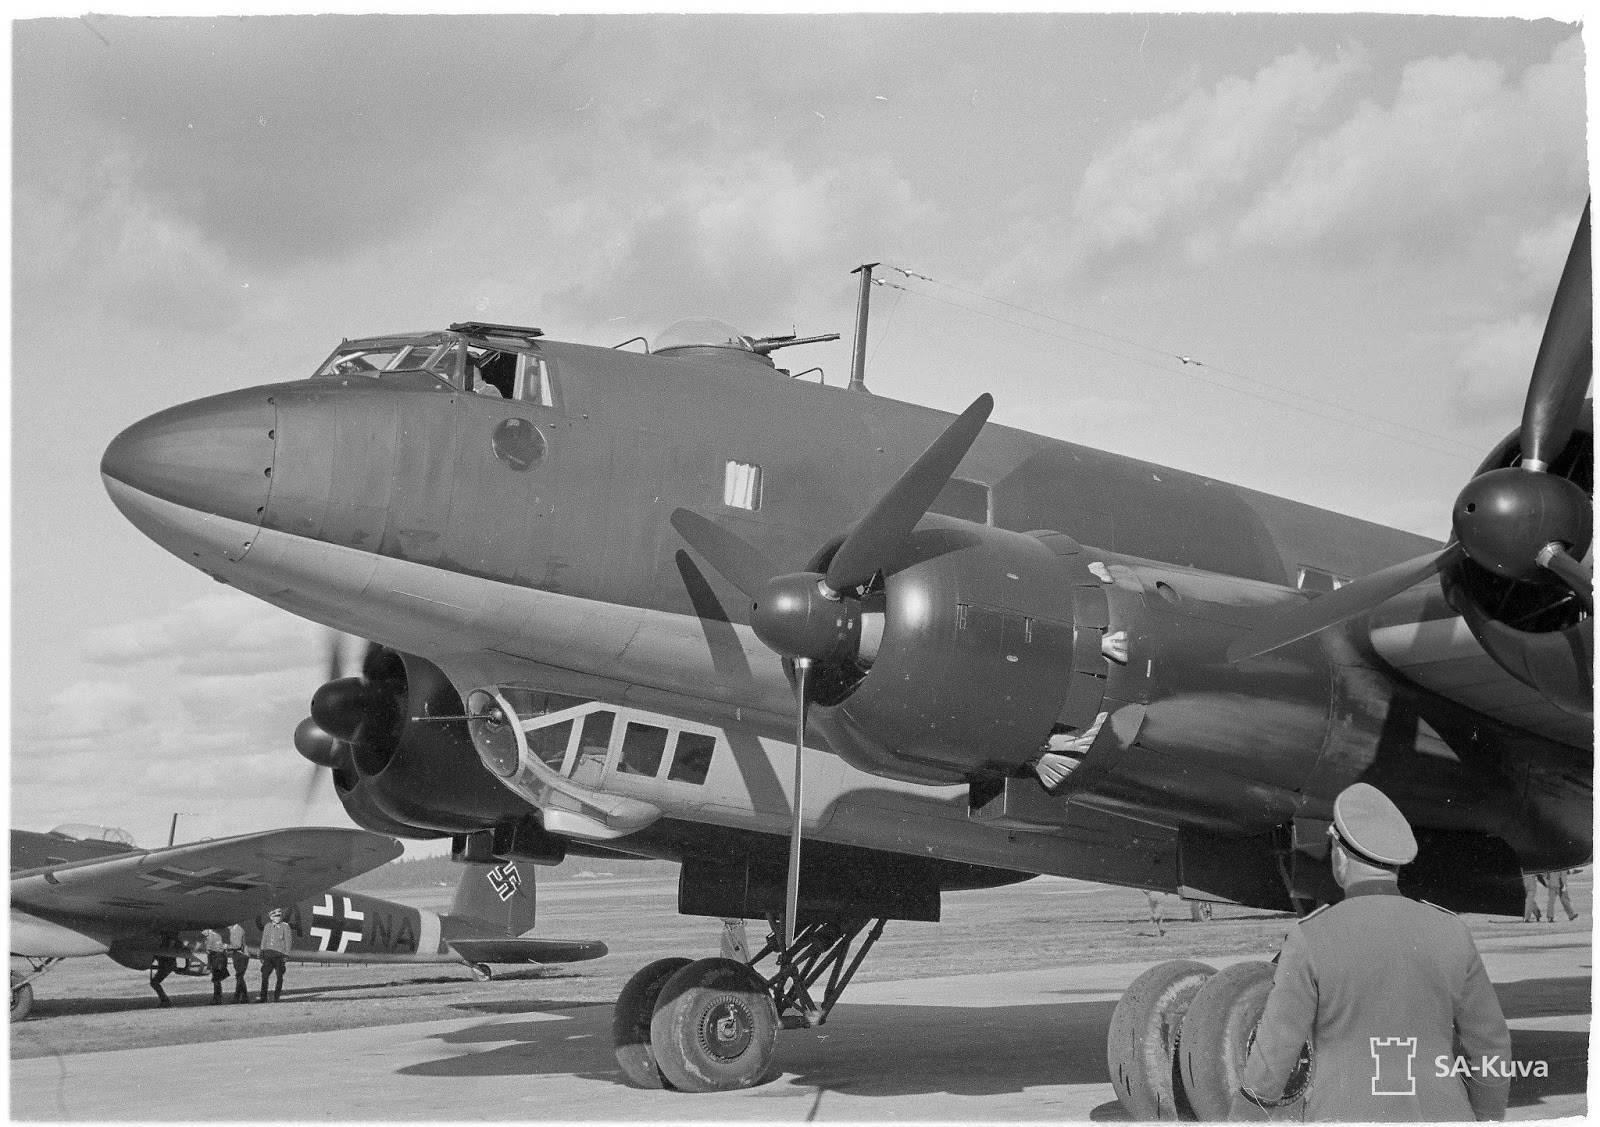 Focke-wulf fw 200 condor — википедия